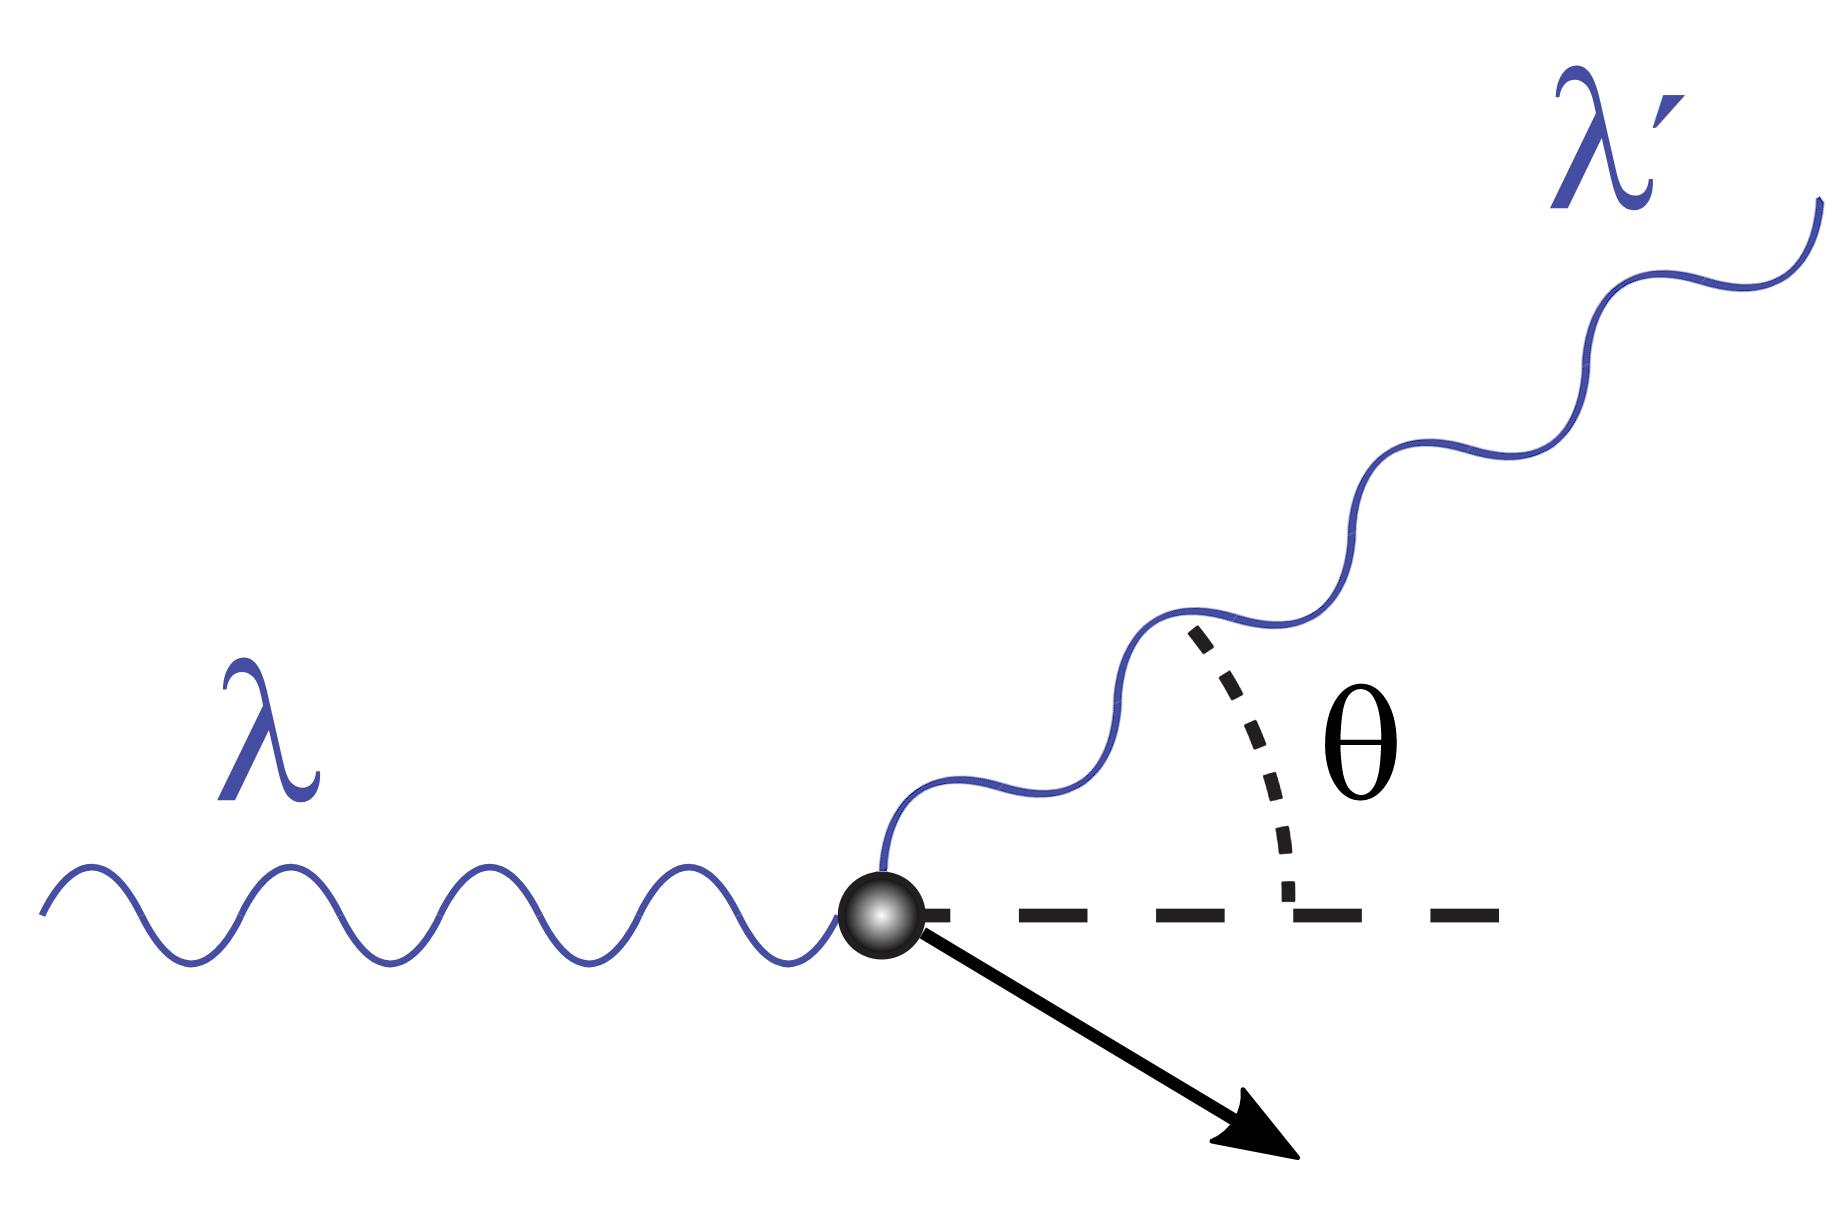 Niebieska fala oznaczona jako lambda zmienia kierunek opewien kąt oznaczony symbolem teta. Szara kula symbolizująca elektron przesuwa się owektor ukazany jako czarna strzałka. Wektor jest skierowany wdół wprawo. Fala, padając na szarą kulkę, zmienia swoją długość ibiegnie wgórę wprawo. Fala ta jest oznaczona jako lambda prim.